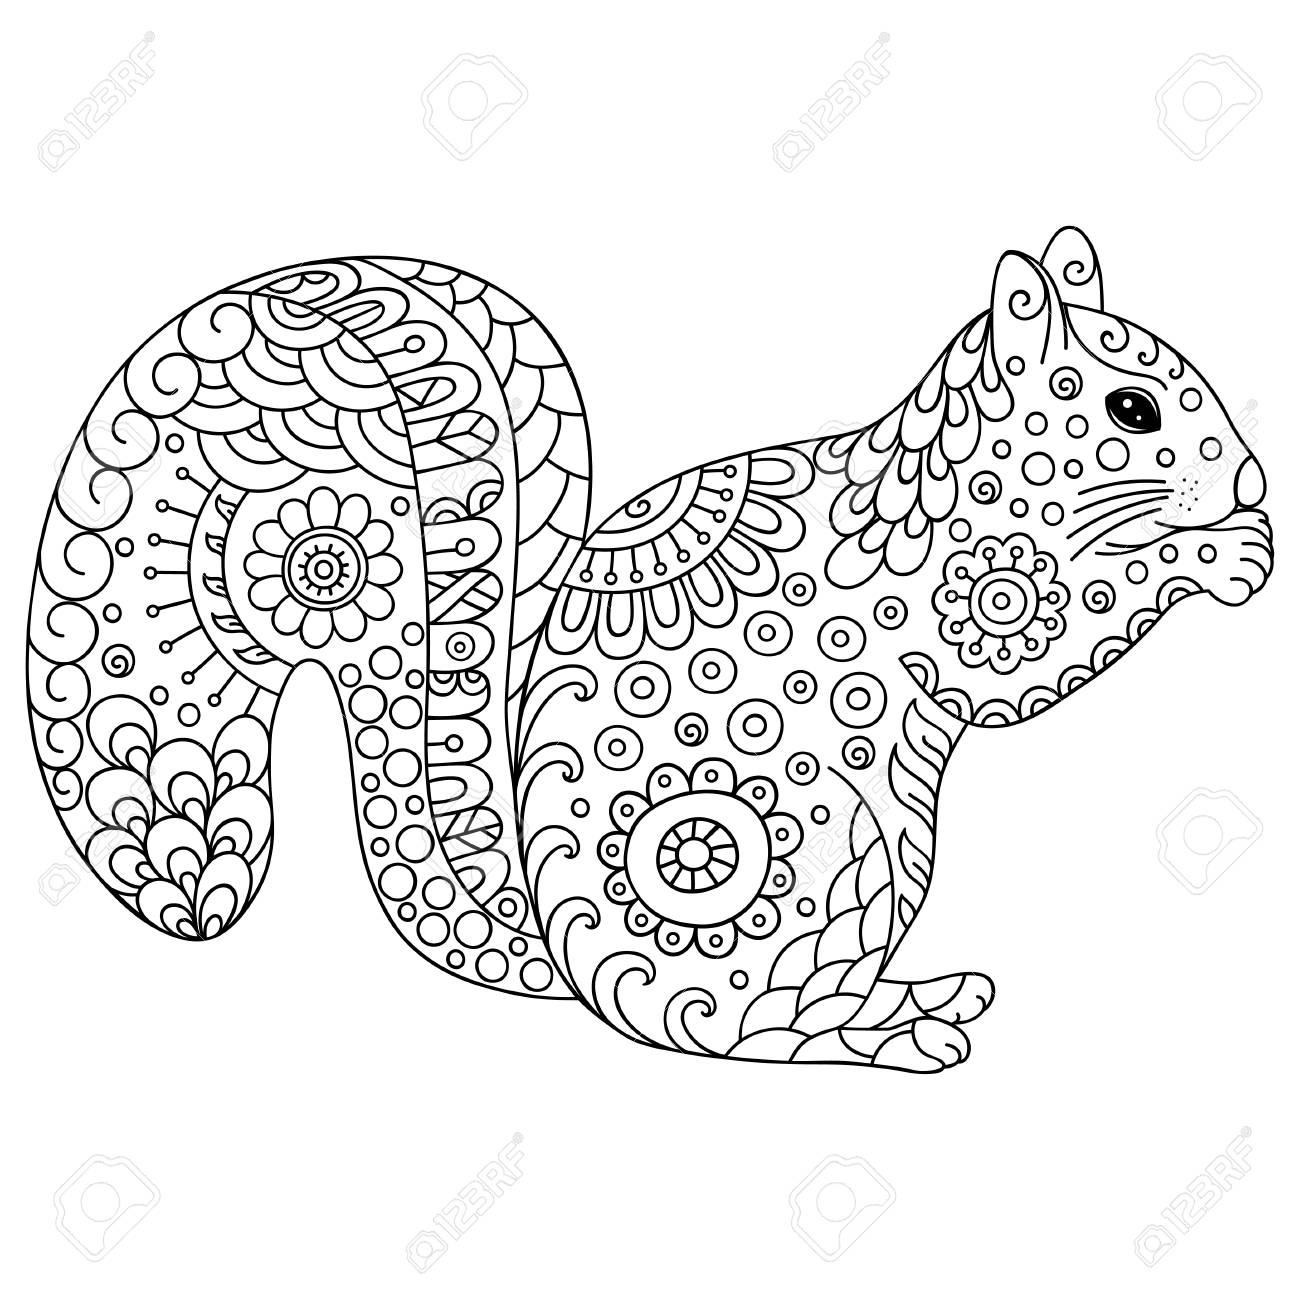 Stilisierten Eichhörnchen Skizze Für Malbuch Plakat Druck Oder